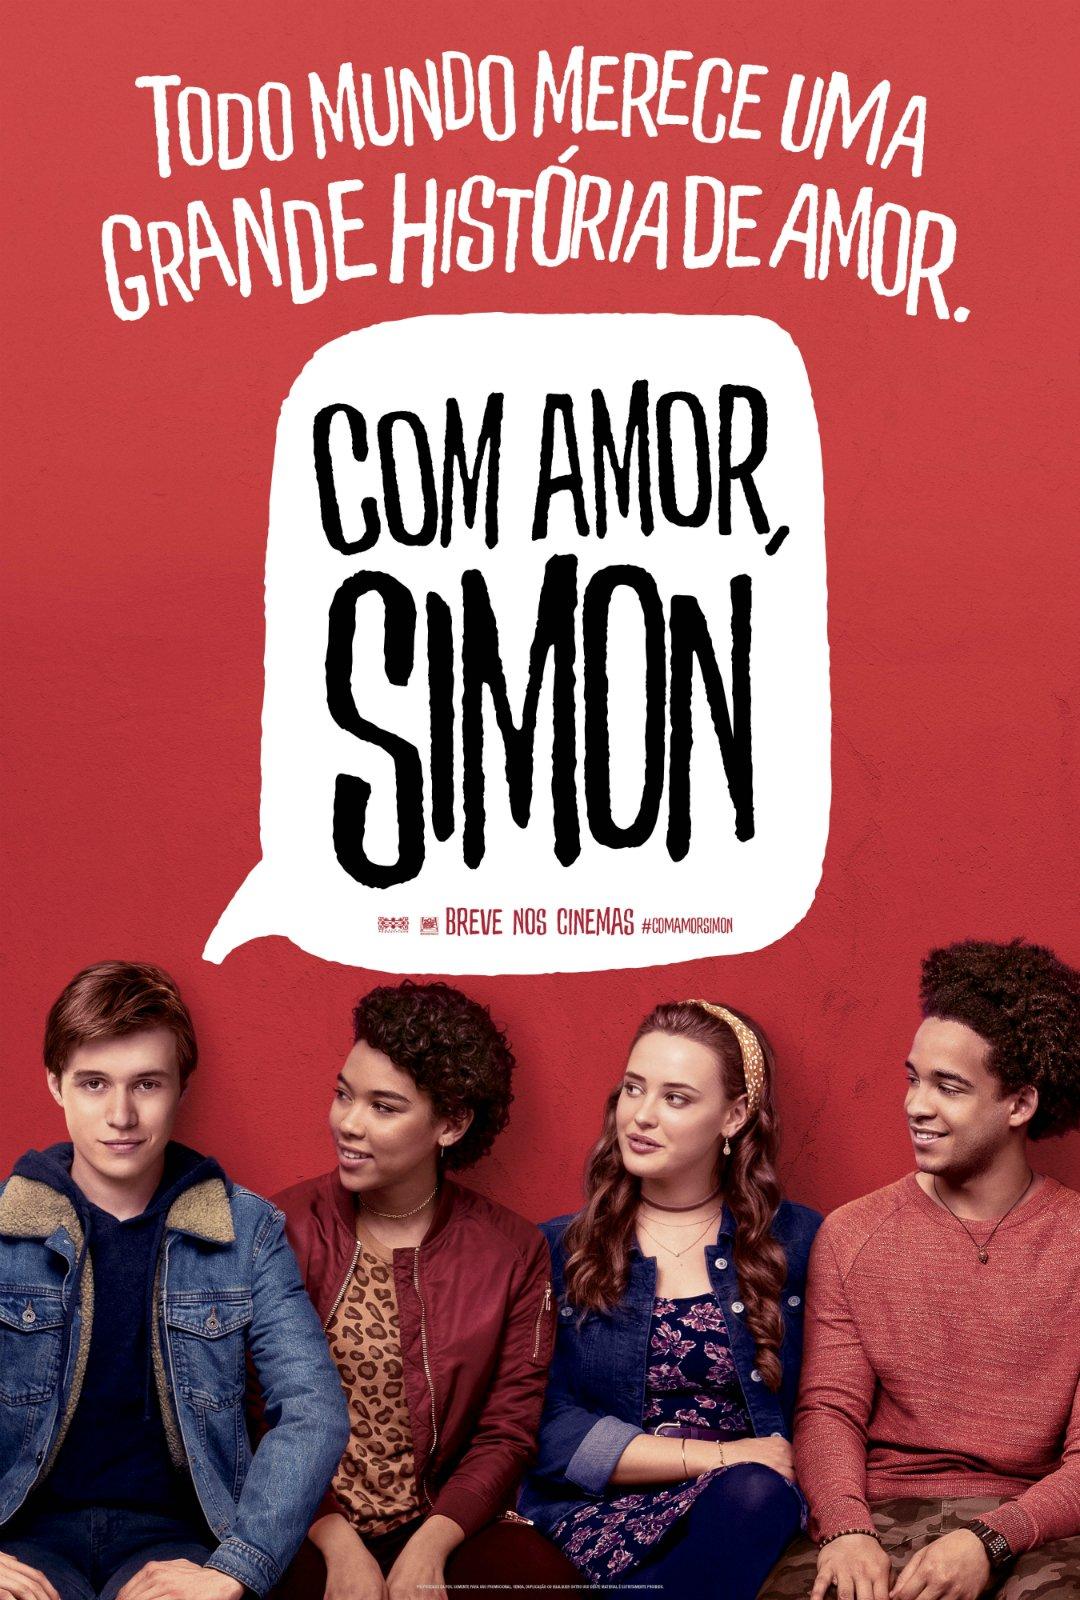 Com Amor, Victor | Série derivada de Com Amor, Simon ganha trailer e data de estreia; Confira